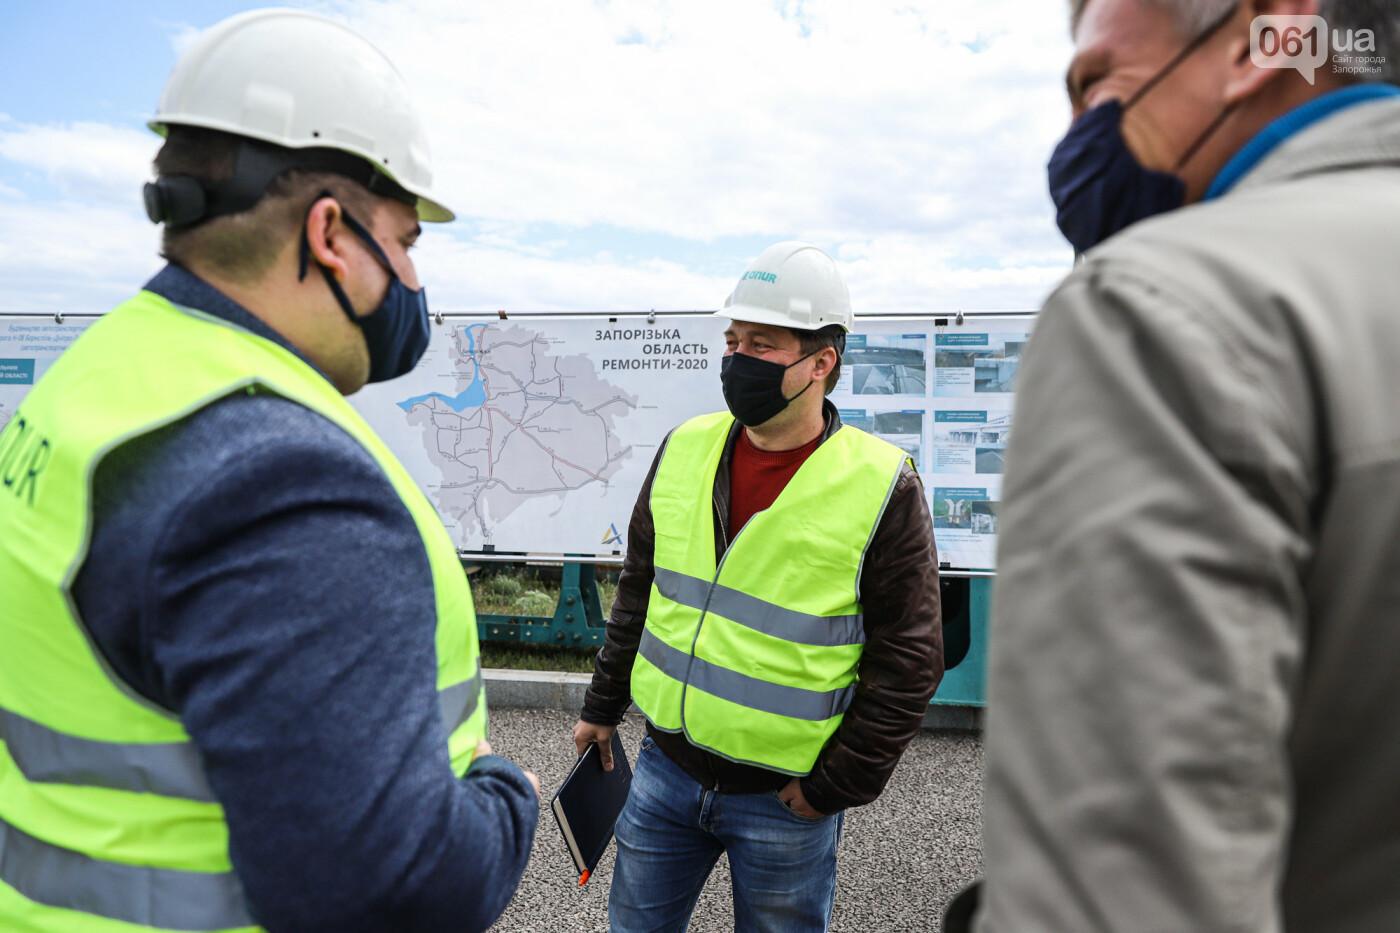 Глава Укравтодора побывал на запорожских мостах — планирует их достроить за два года, - ФОТОРЕПОРТАЖ , фото-44